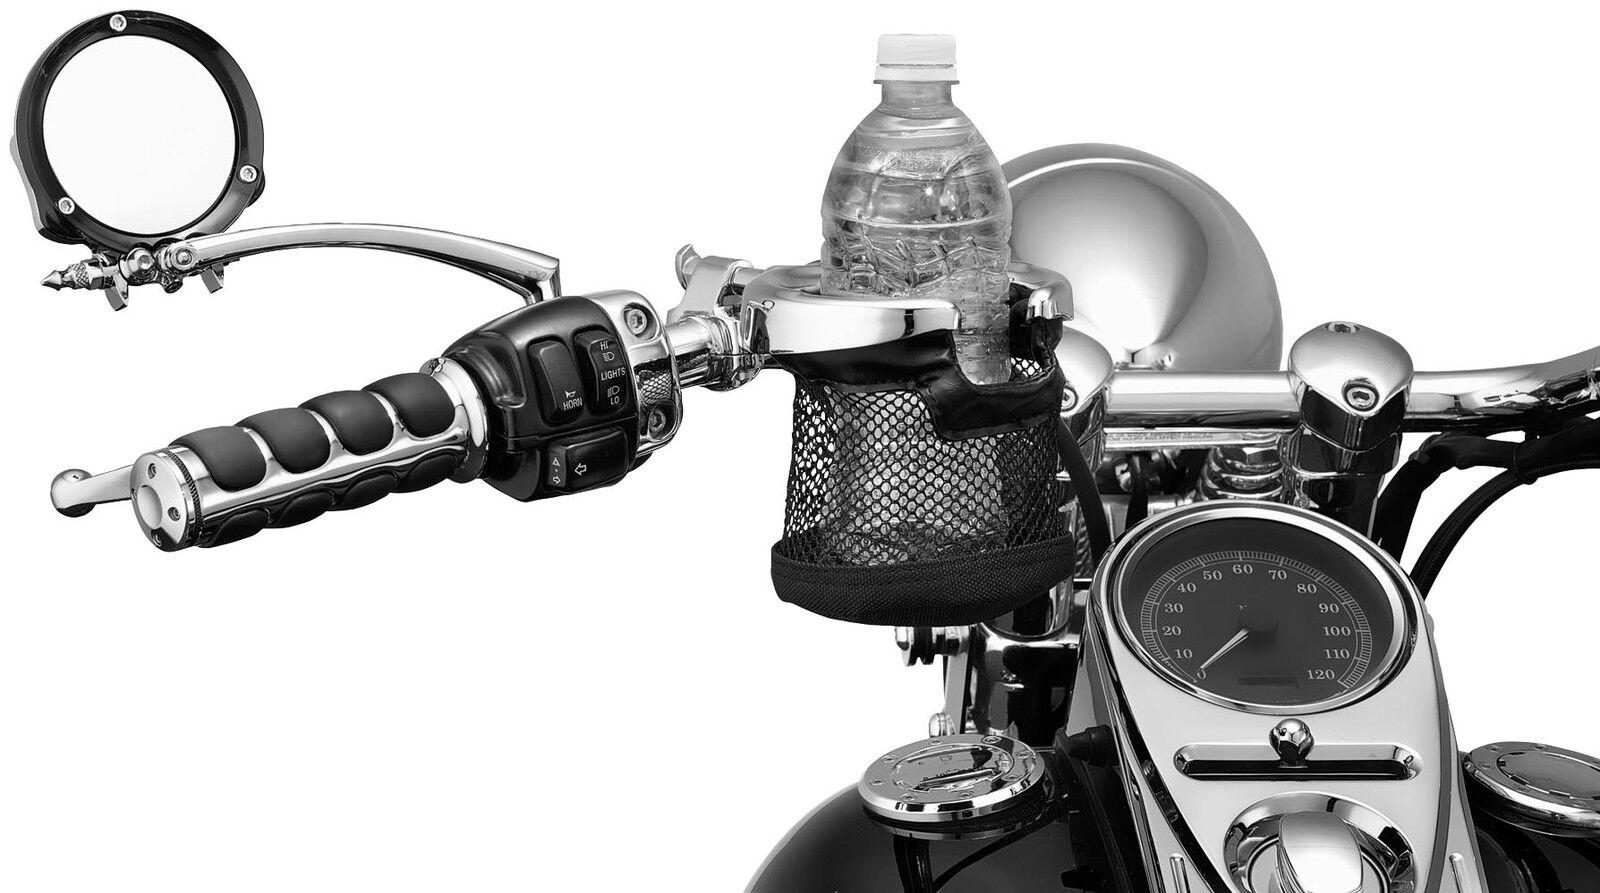 Kuryakyn 1477 Universal Drink Holder with Mug for 1-1//4 Handlebar